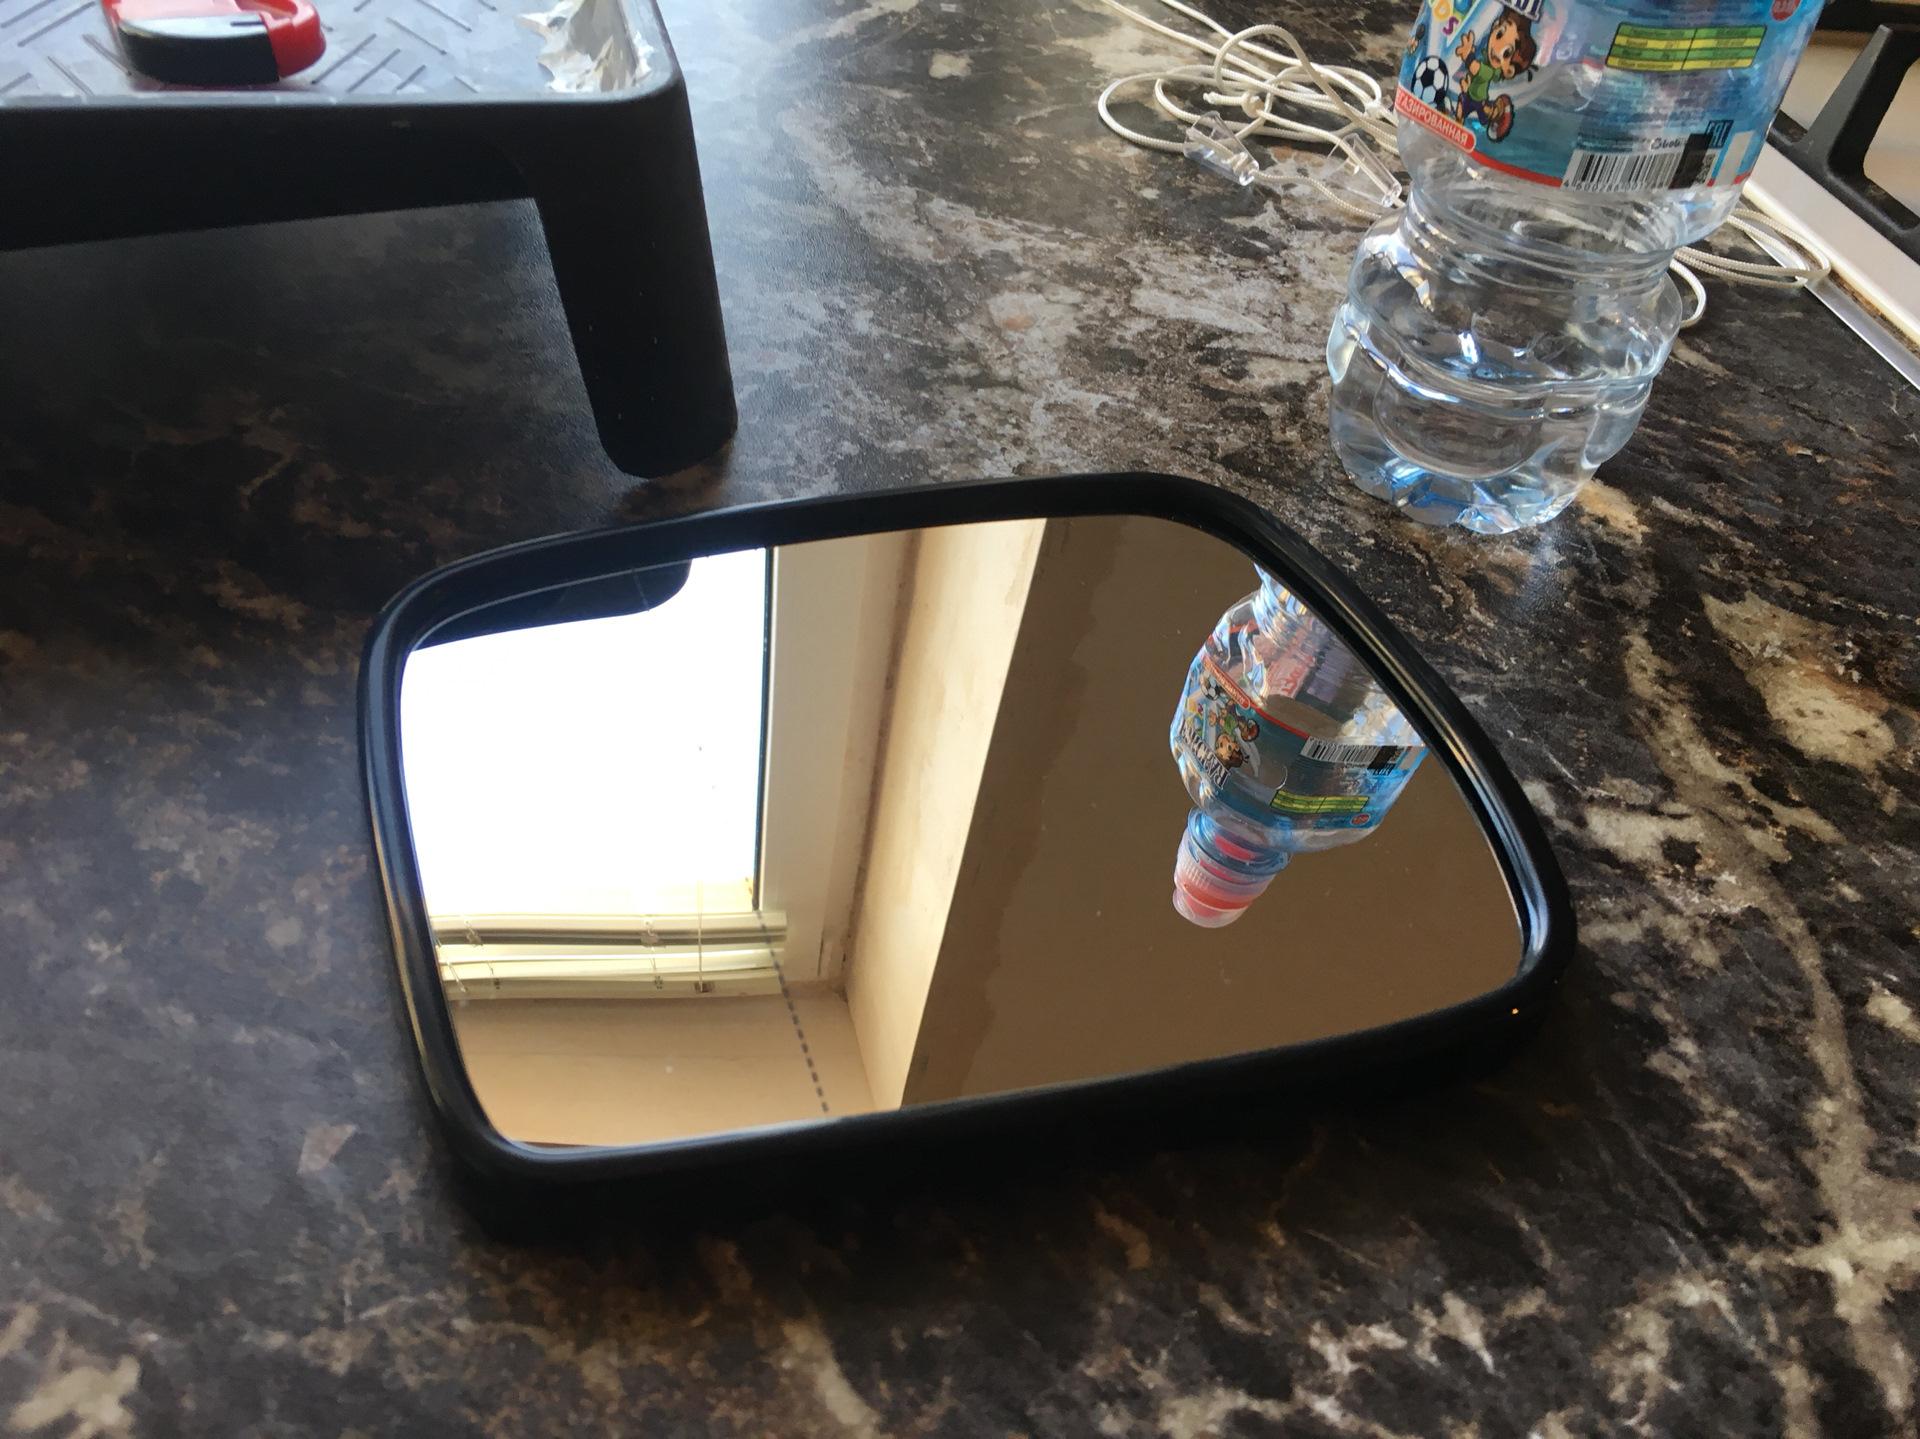 зеркальный поворот картинки съемка